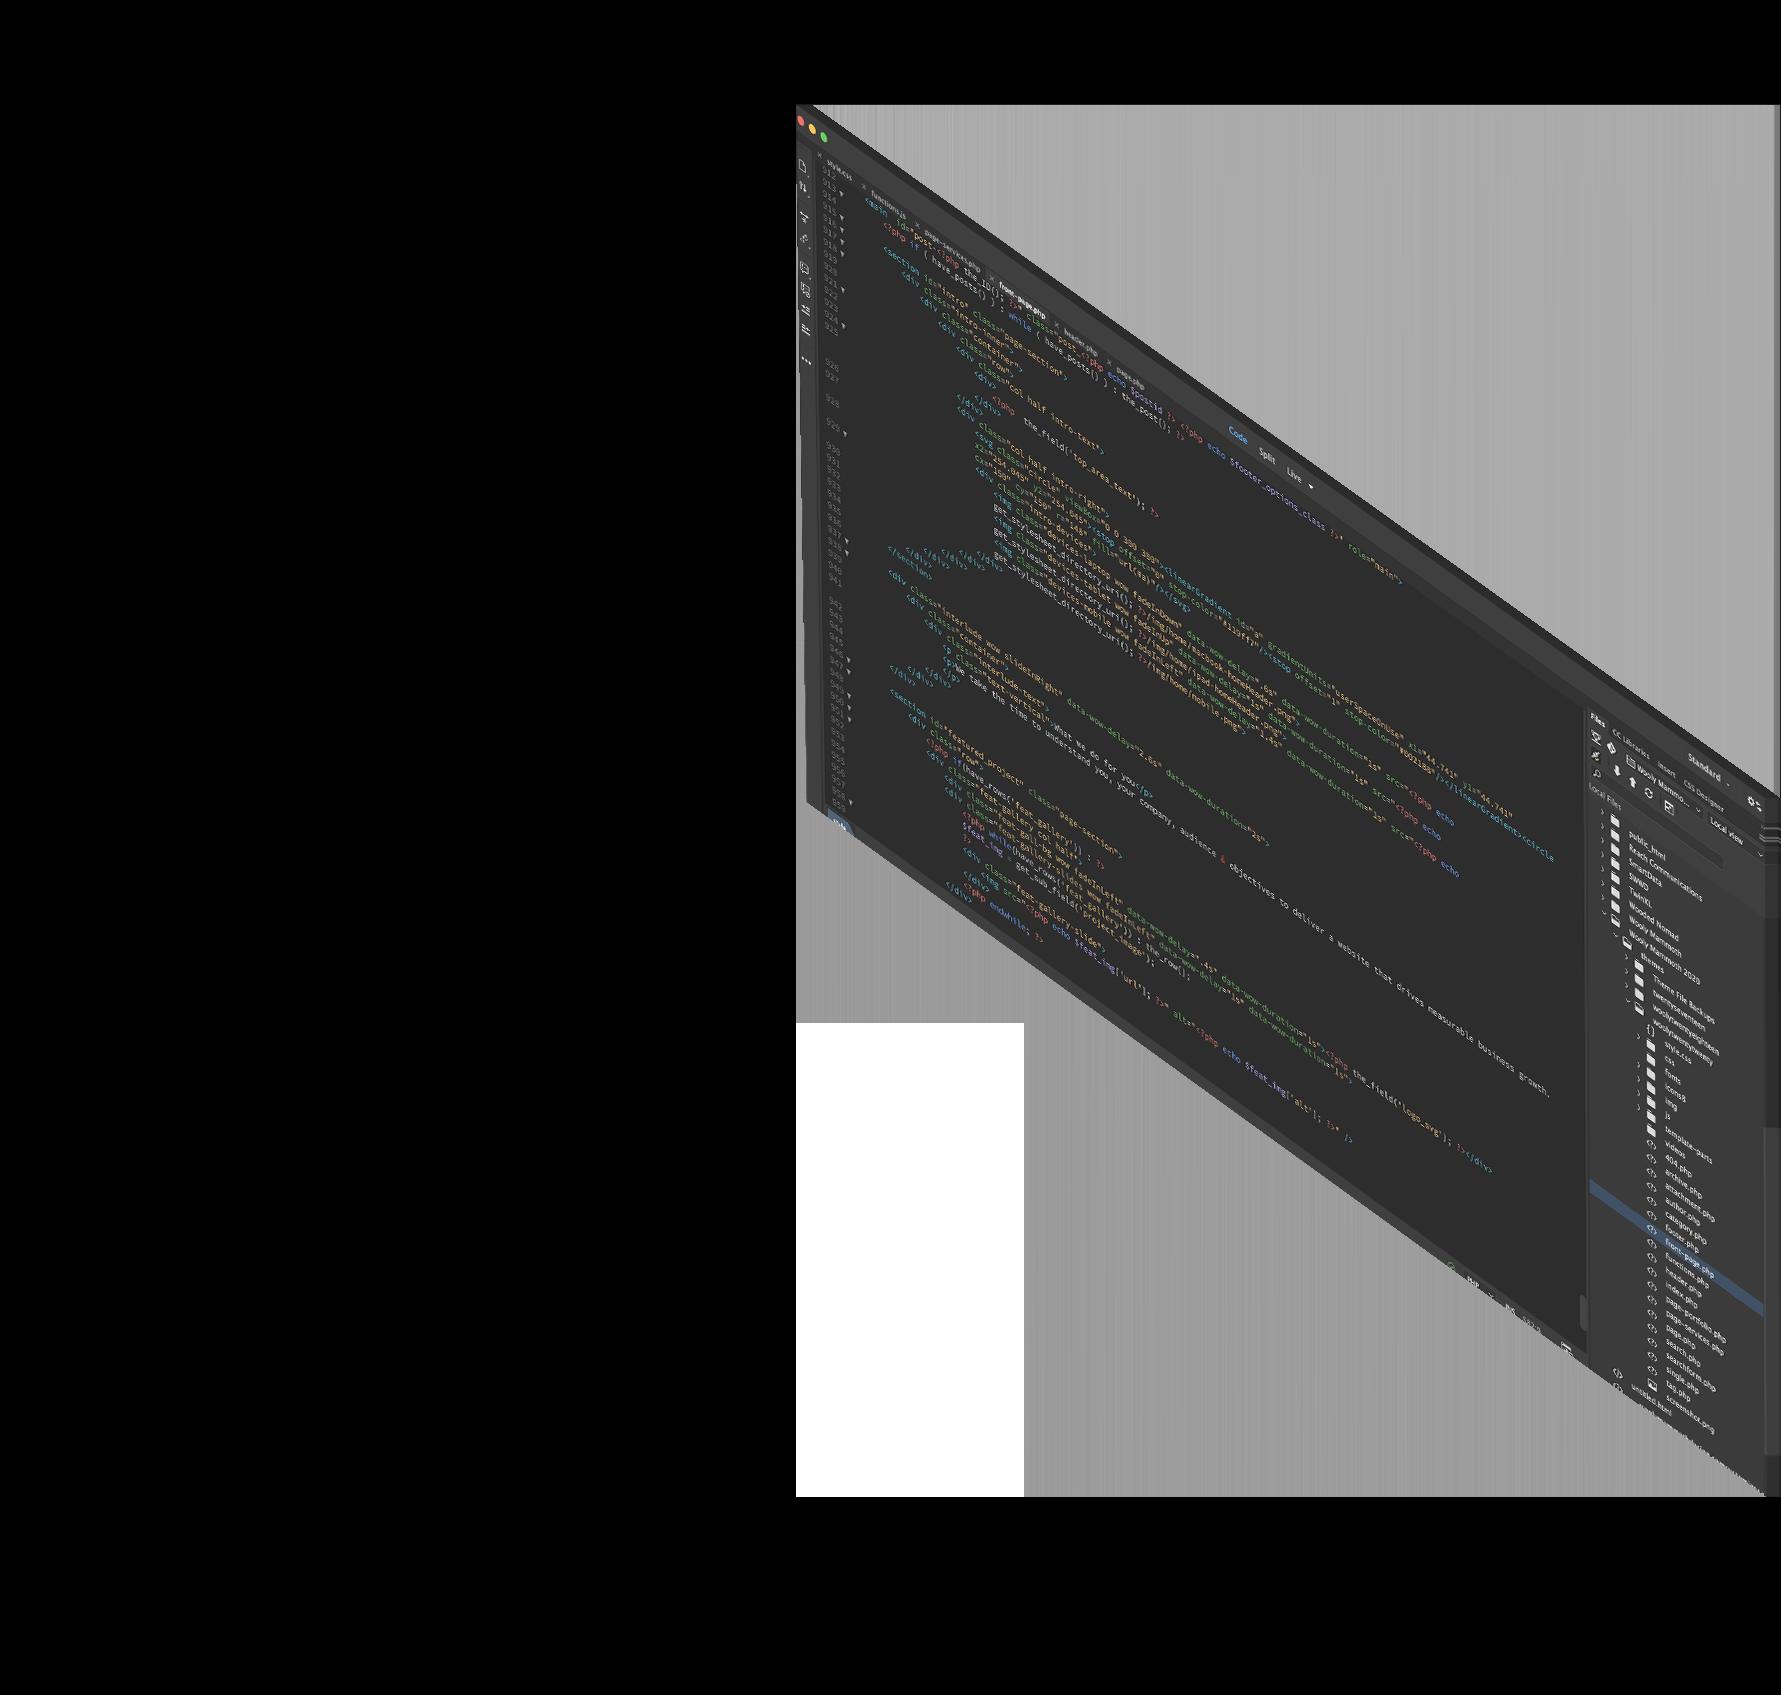 Screen with website code